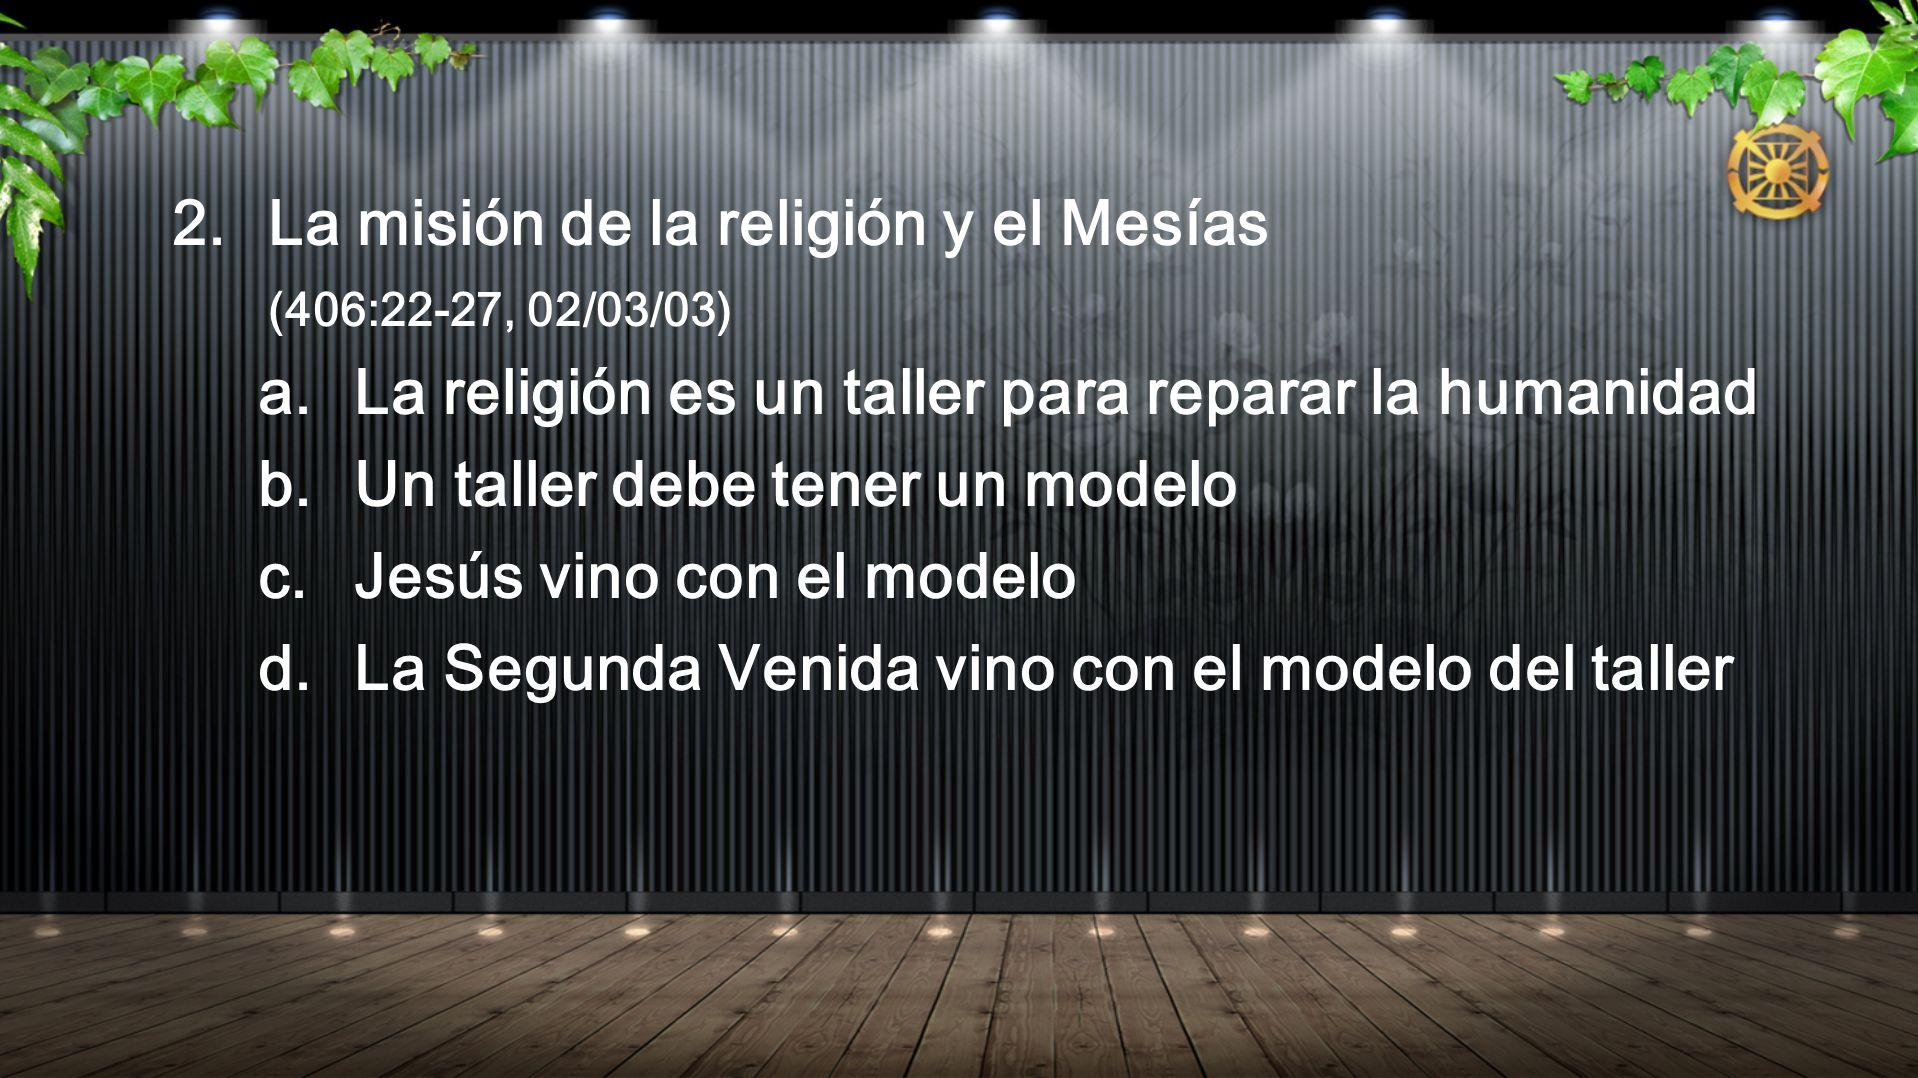 2. La misión de la religión y el Mesías (406:22-27, 02/03/03) a. La religión es un taller para reparar la humanidad b. Un taller debe tener un modelo